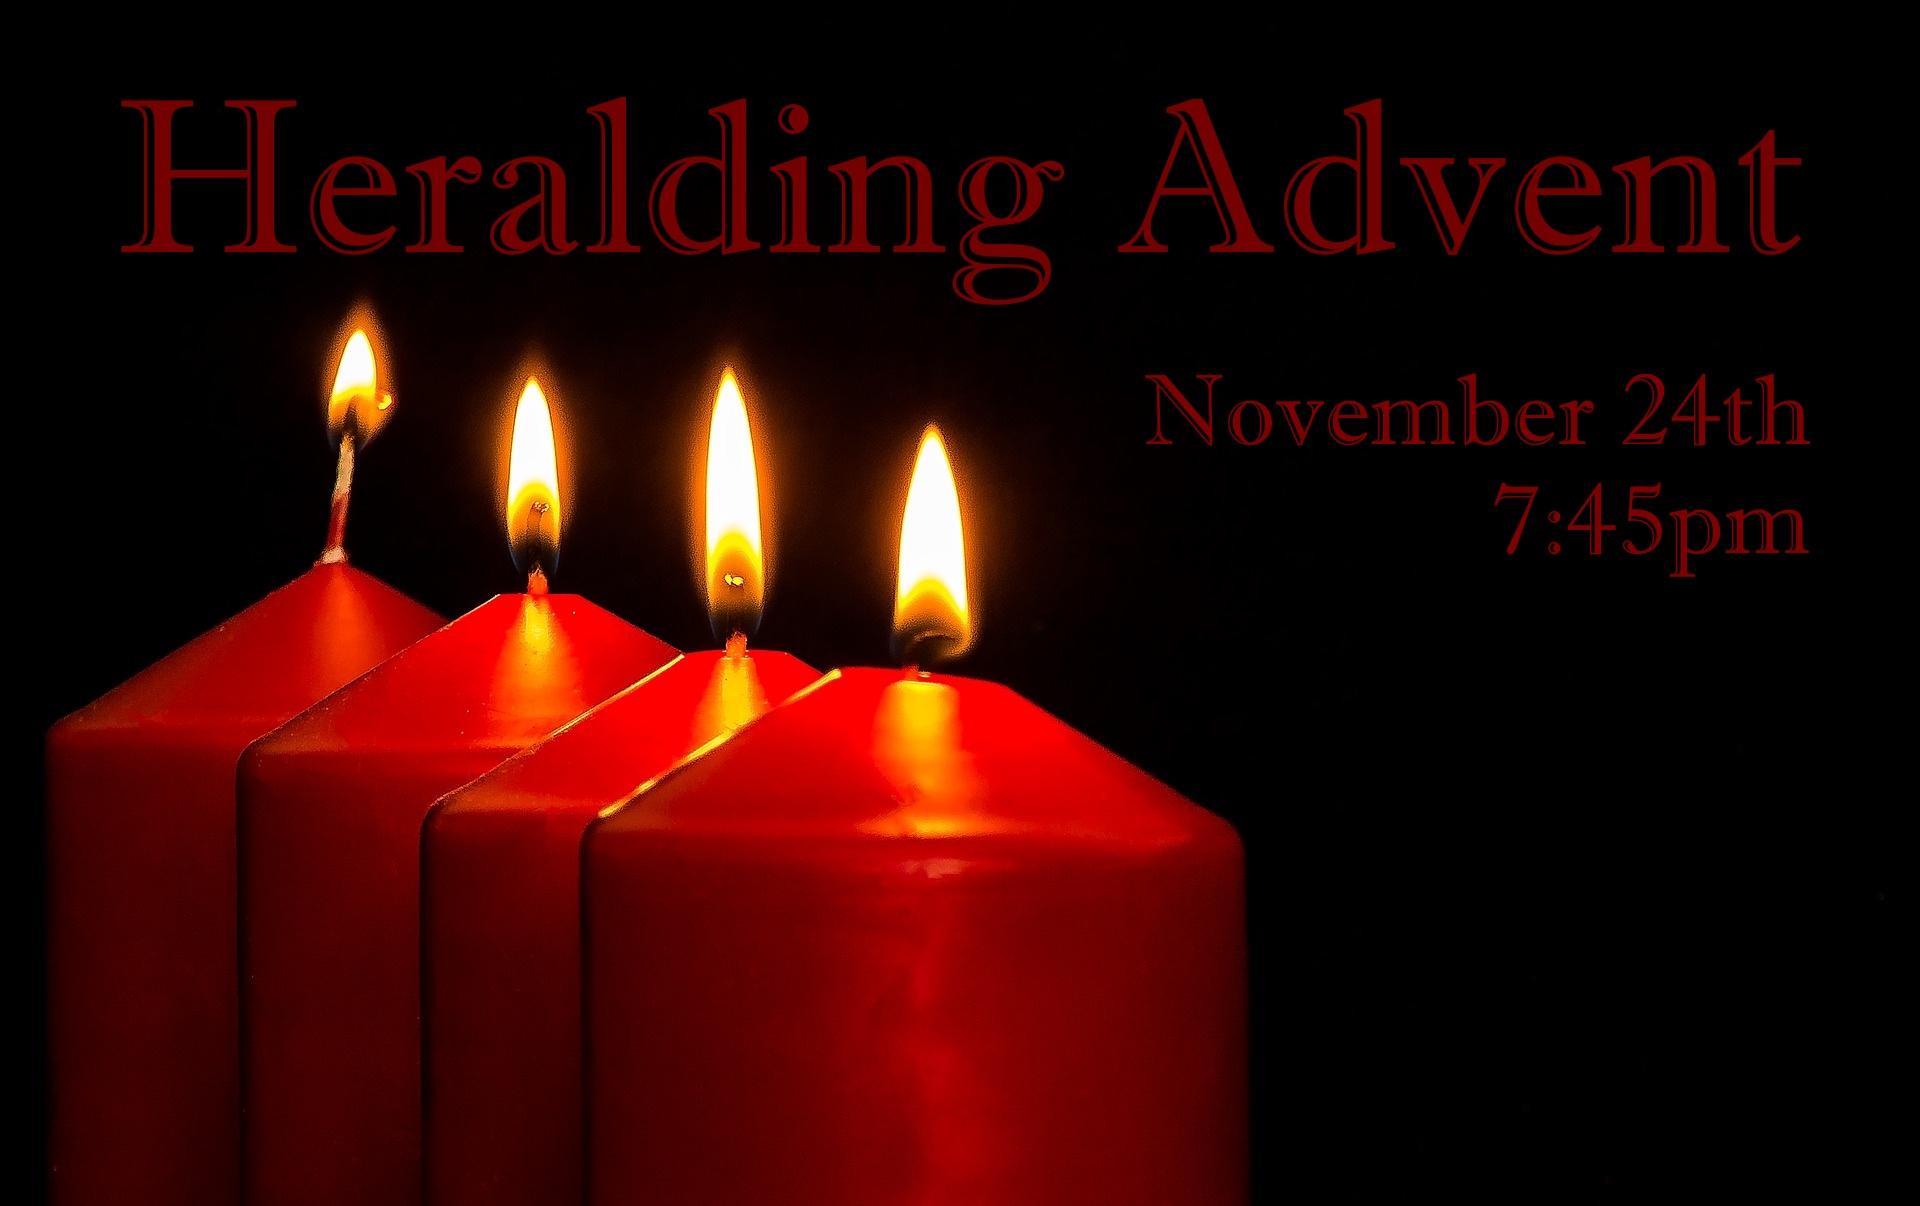 Heralding Advent